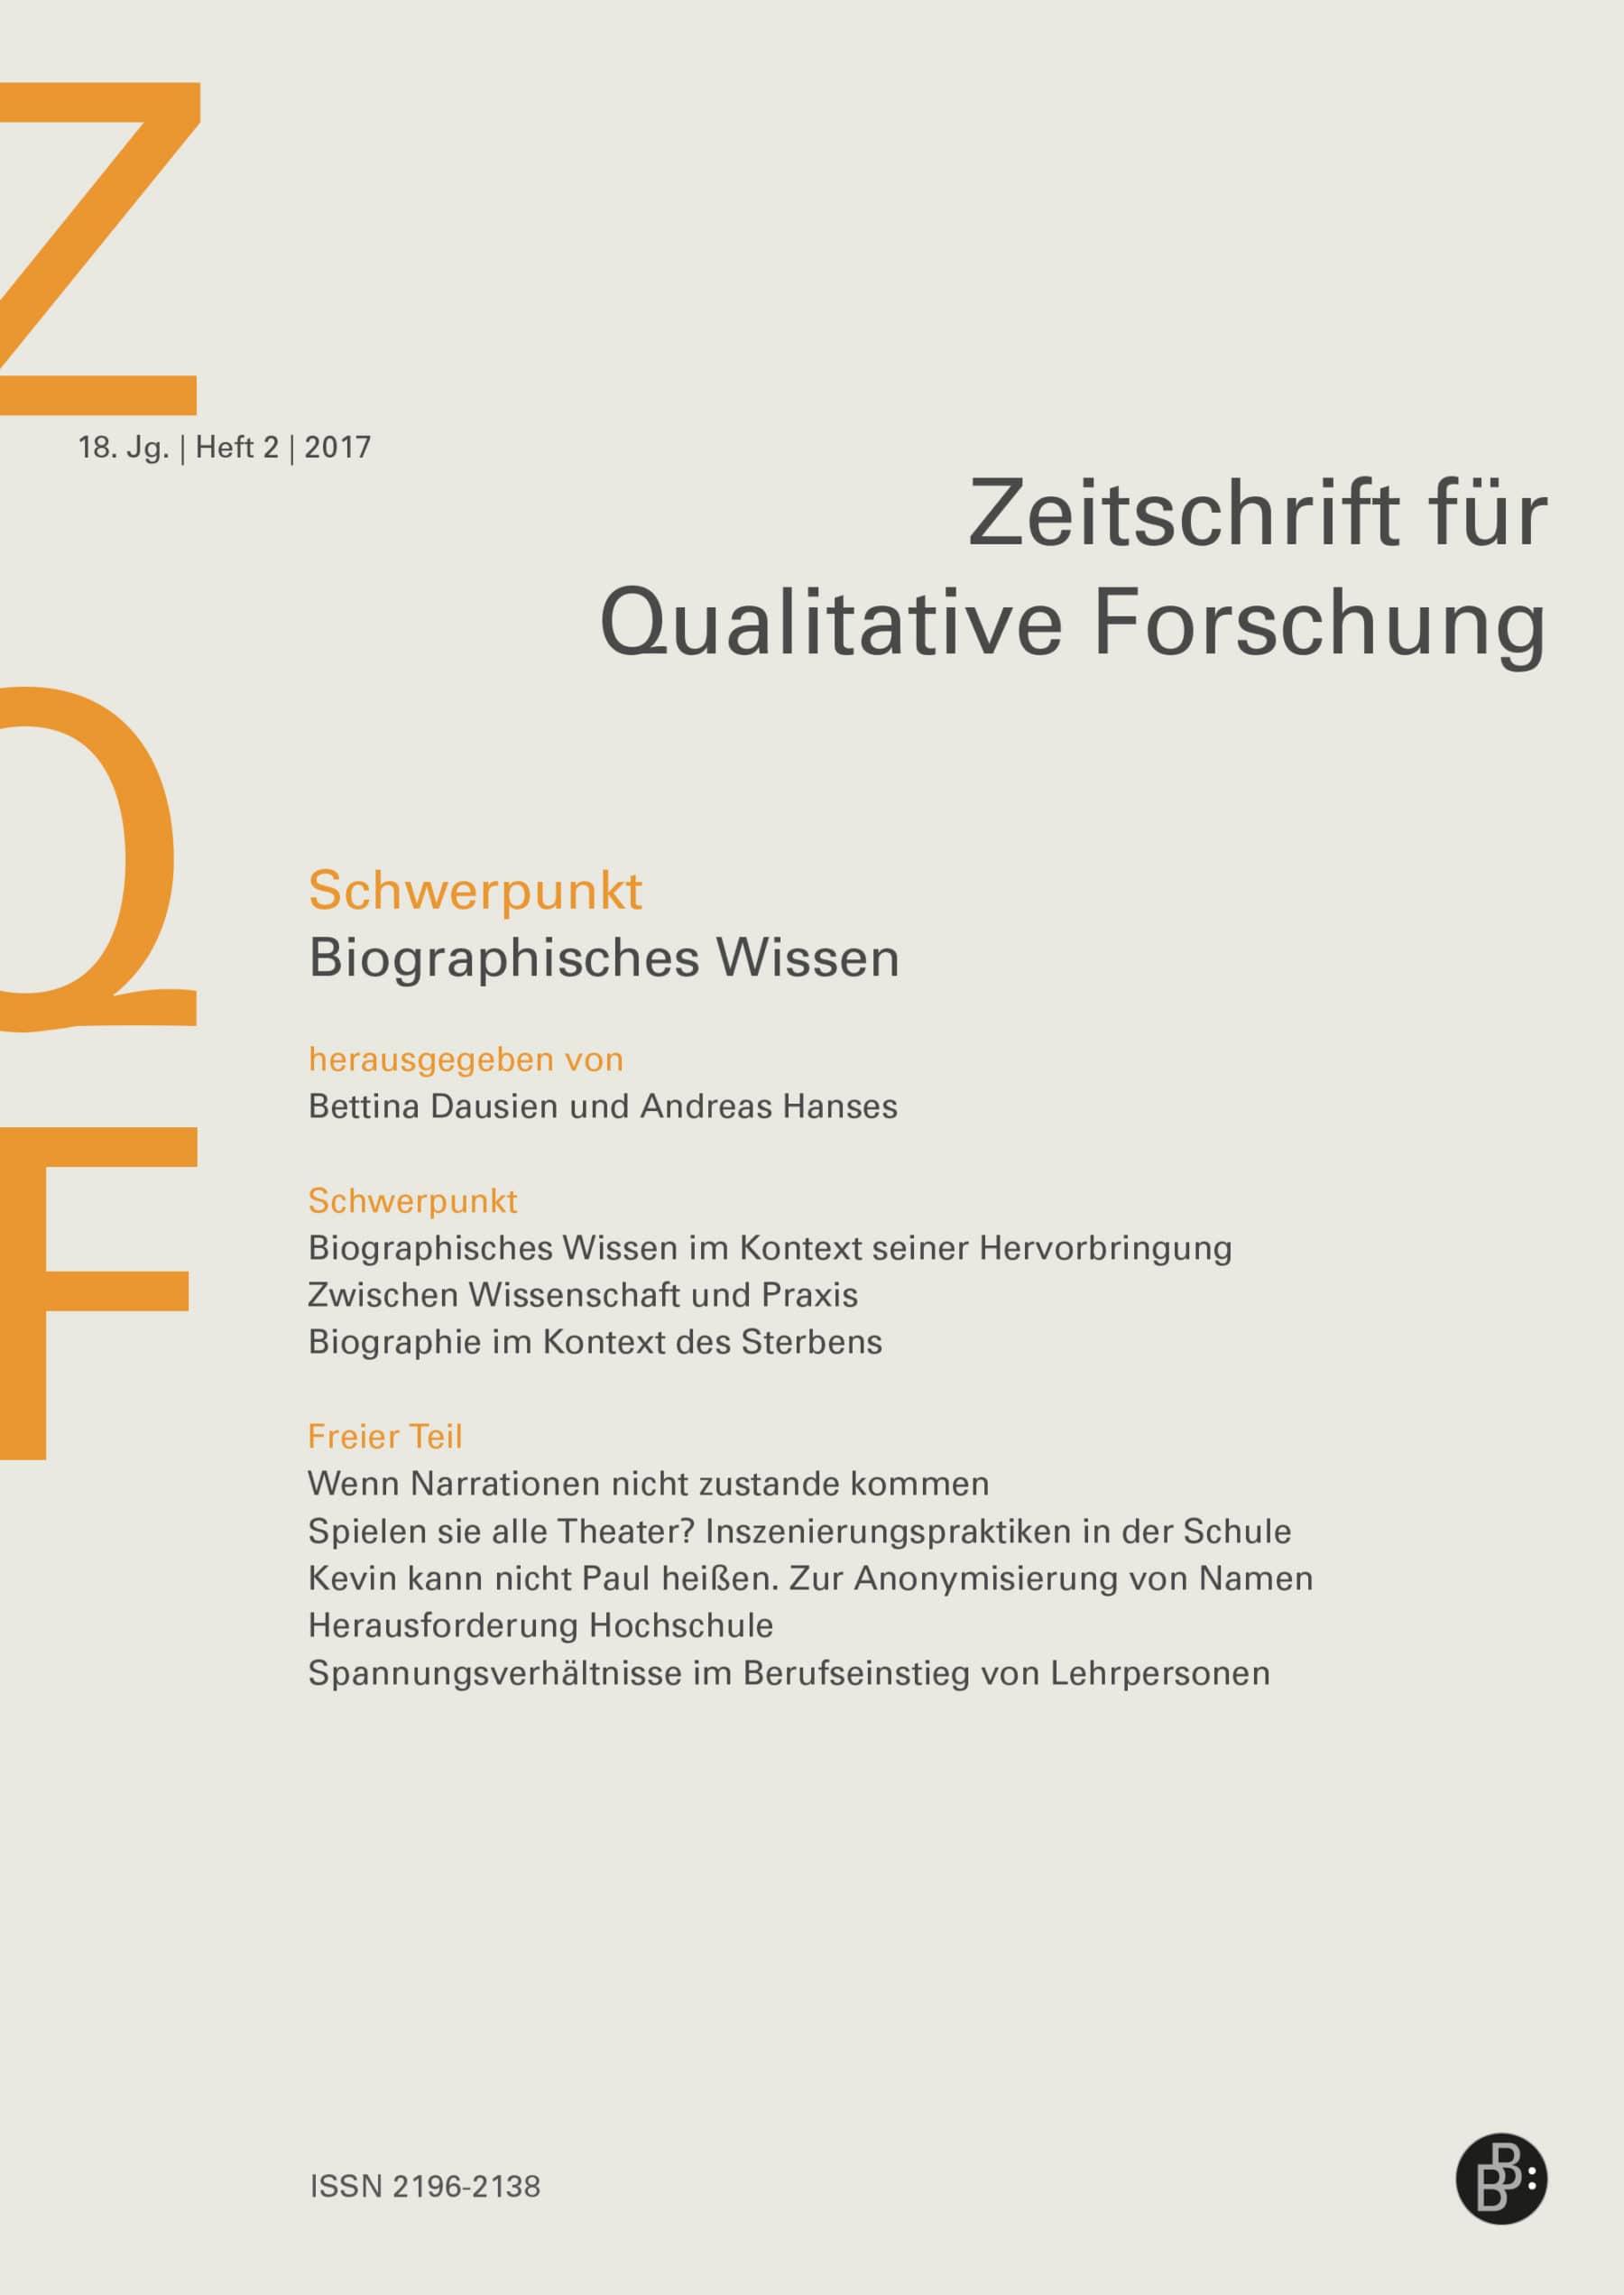 Probeheft - ZQF - Zeitschrift für Qualitative Forschung